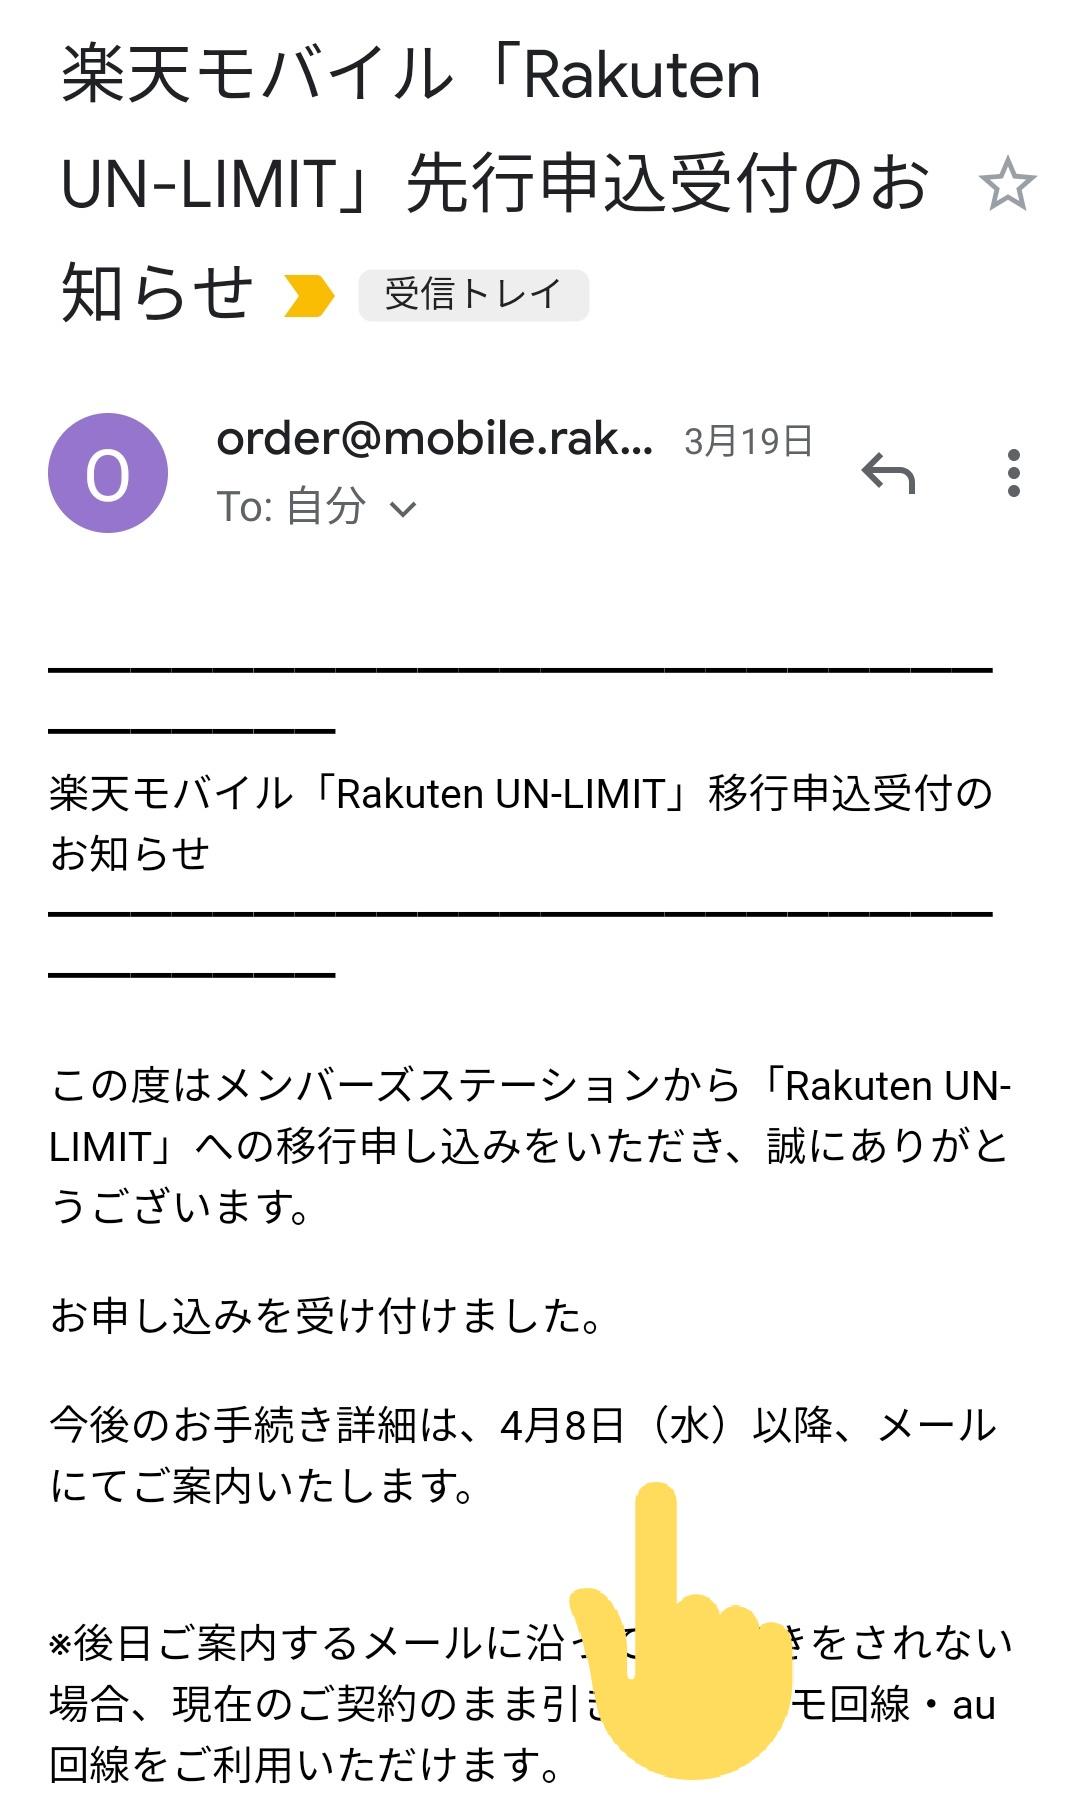 メンバーズ 楽天 ステーション 移行 モバイル